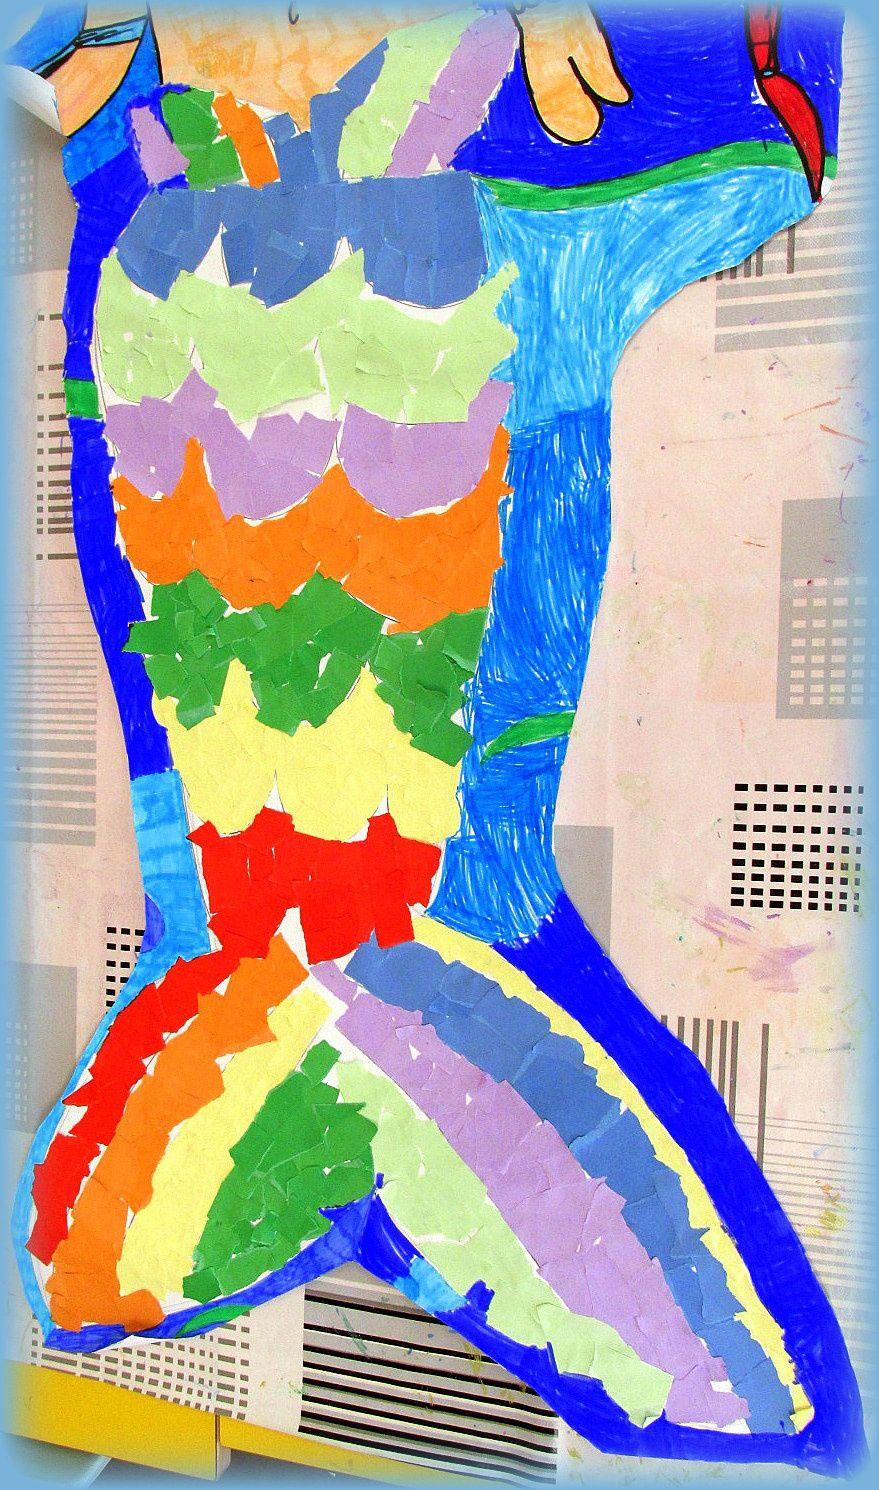 ~ A la rencontre de la grande sirène ~ On a déchiré, collé et colorié! :D ~ Création collective ~